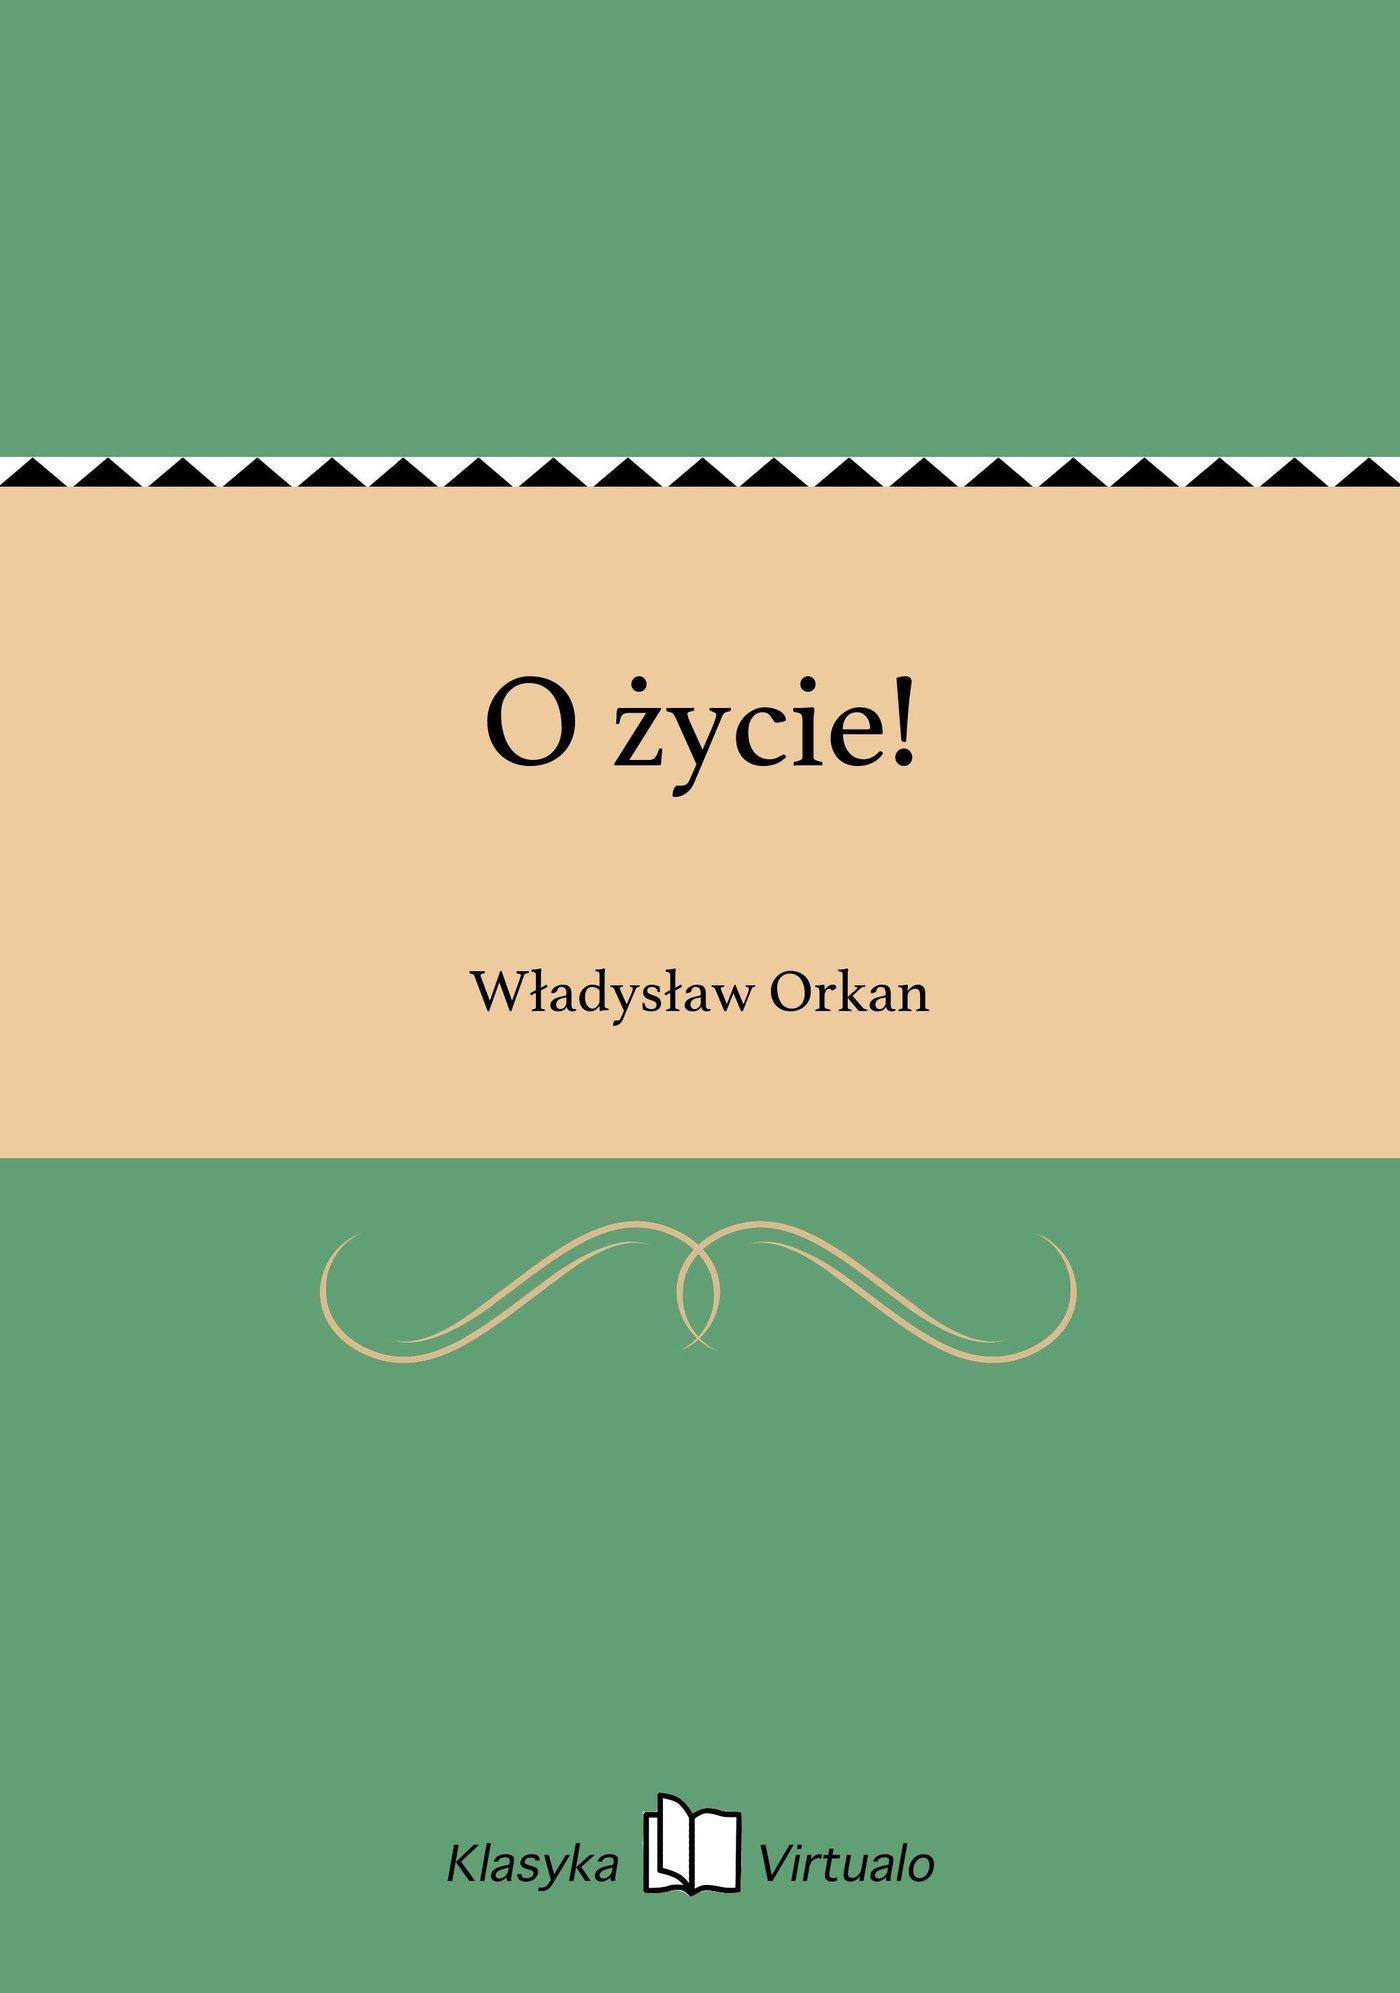 O życie! - Ebook (Książka EPUB) do pobrania w formacie EPUB